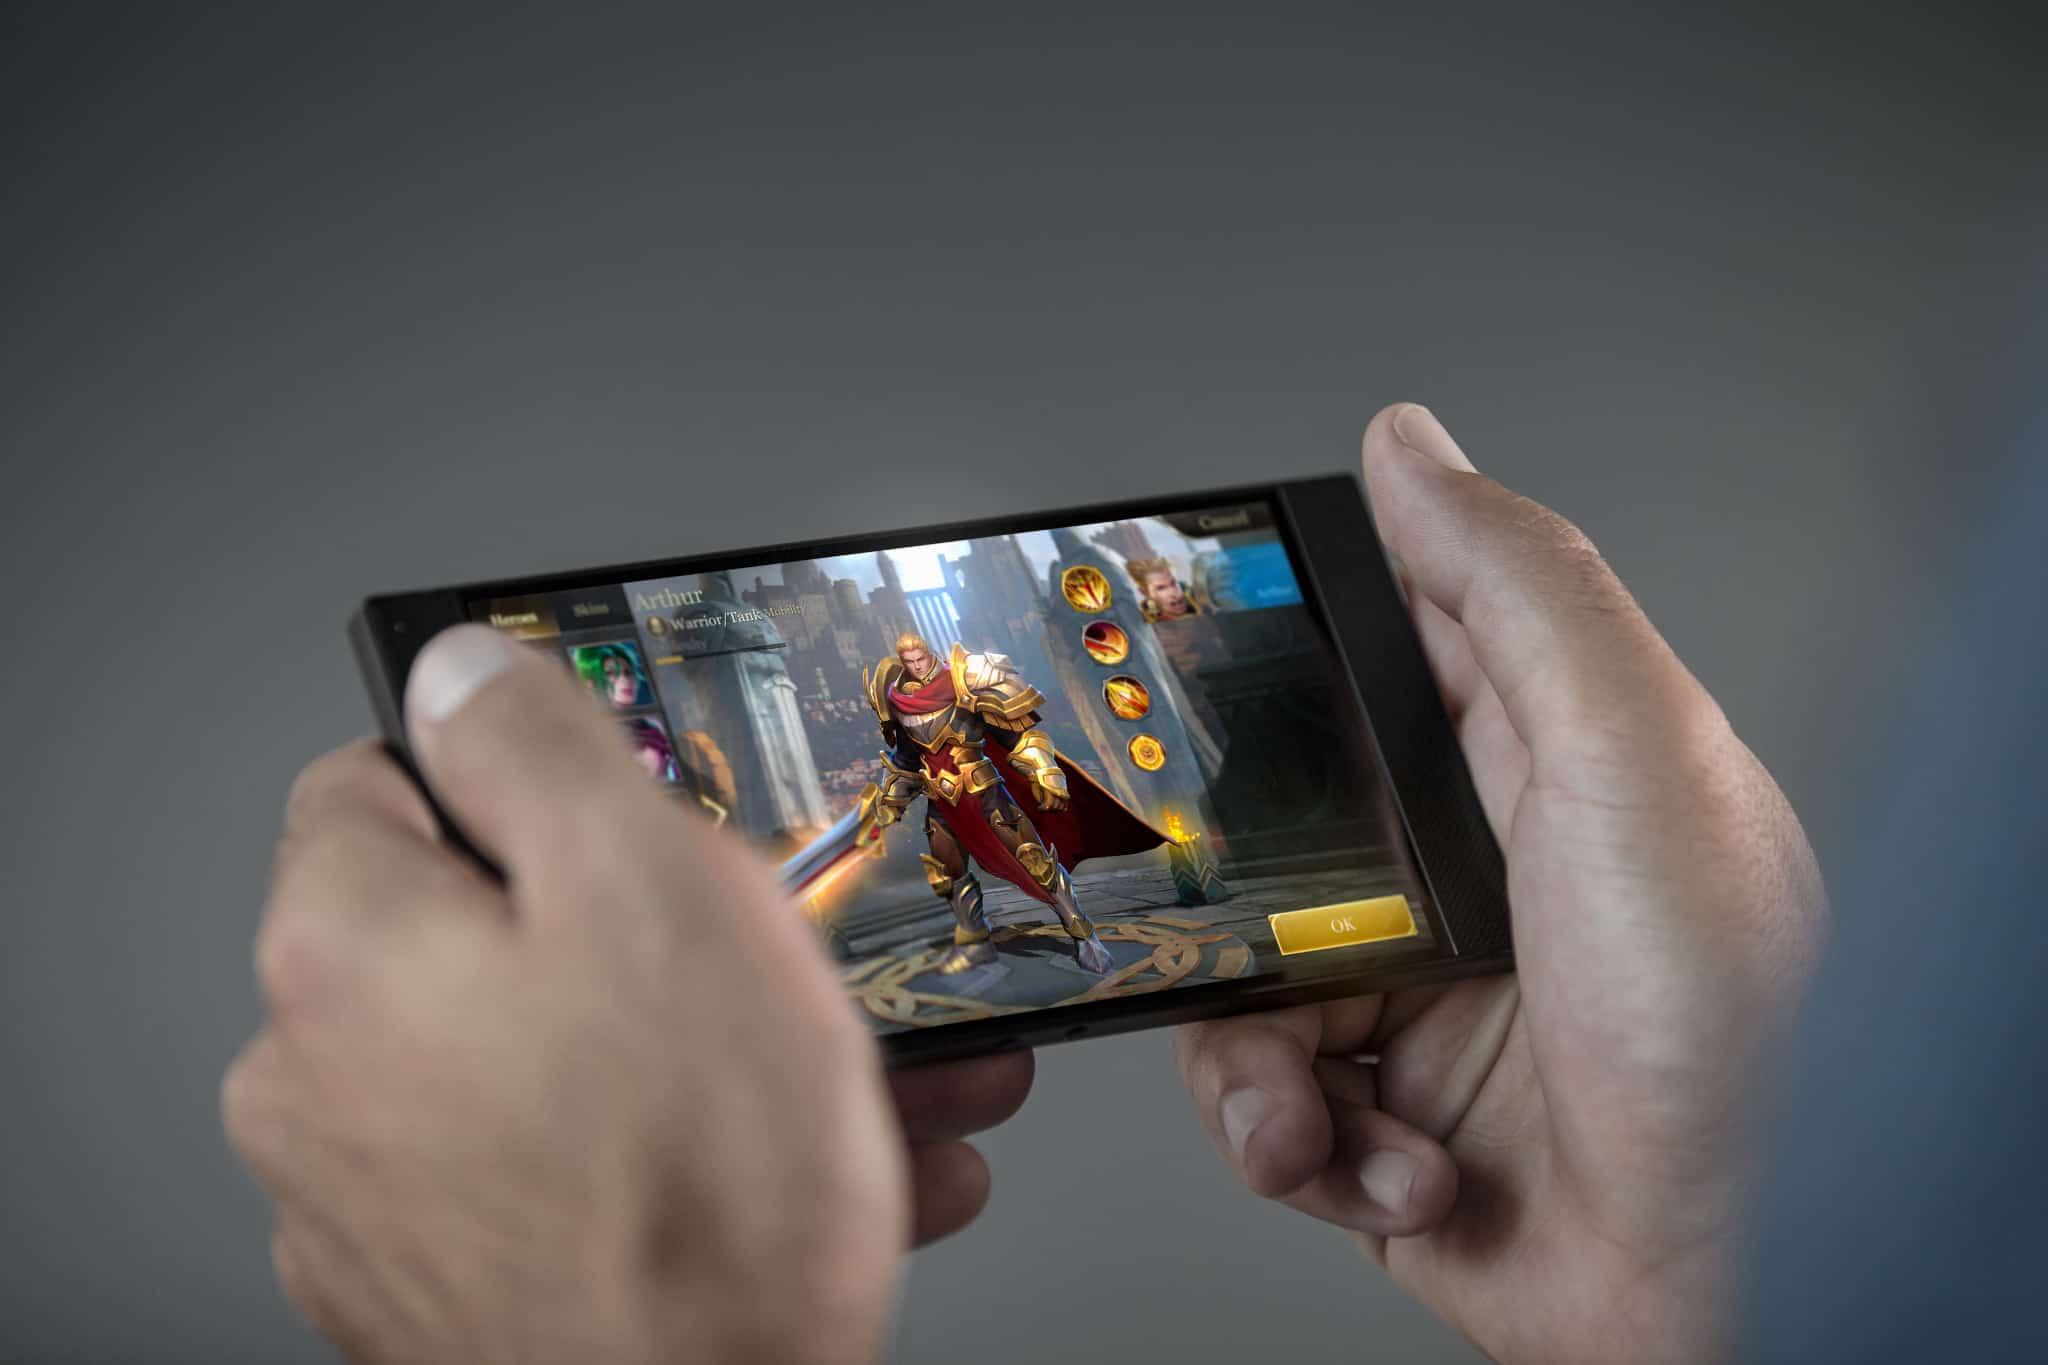 Razer phone inaugura novo modo de carregamento superrpido os fabricantes de telemveis e processadores para equipamentos portteis tm desenvolvido um conjunto muito vasto de solues de recarregamento cada vez stopboris Choice Image